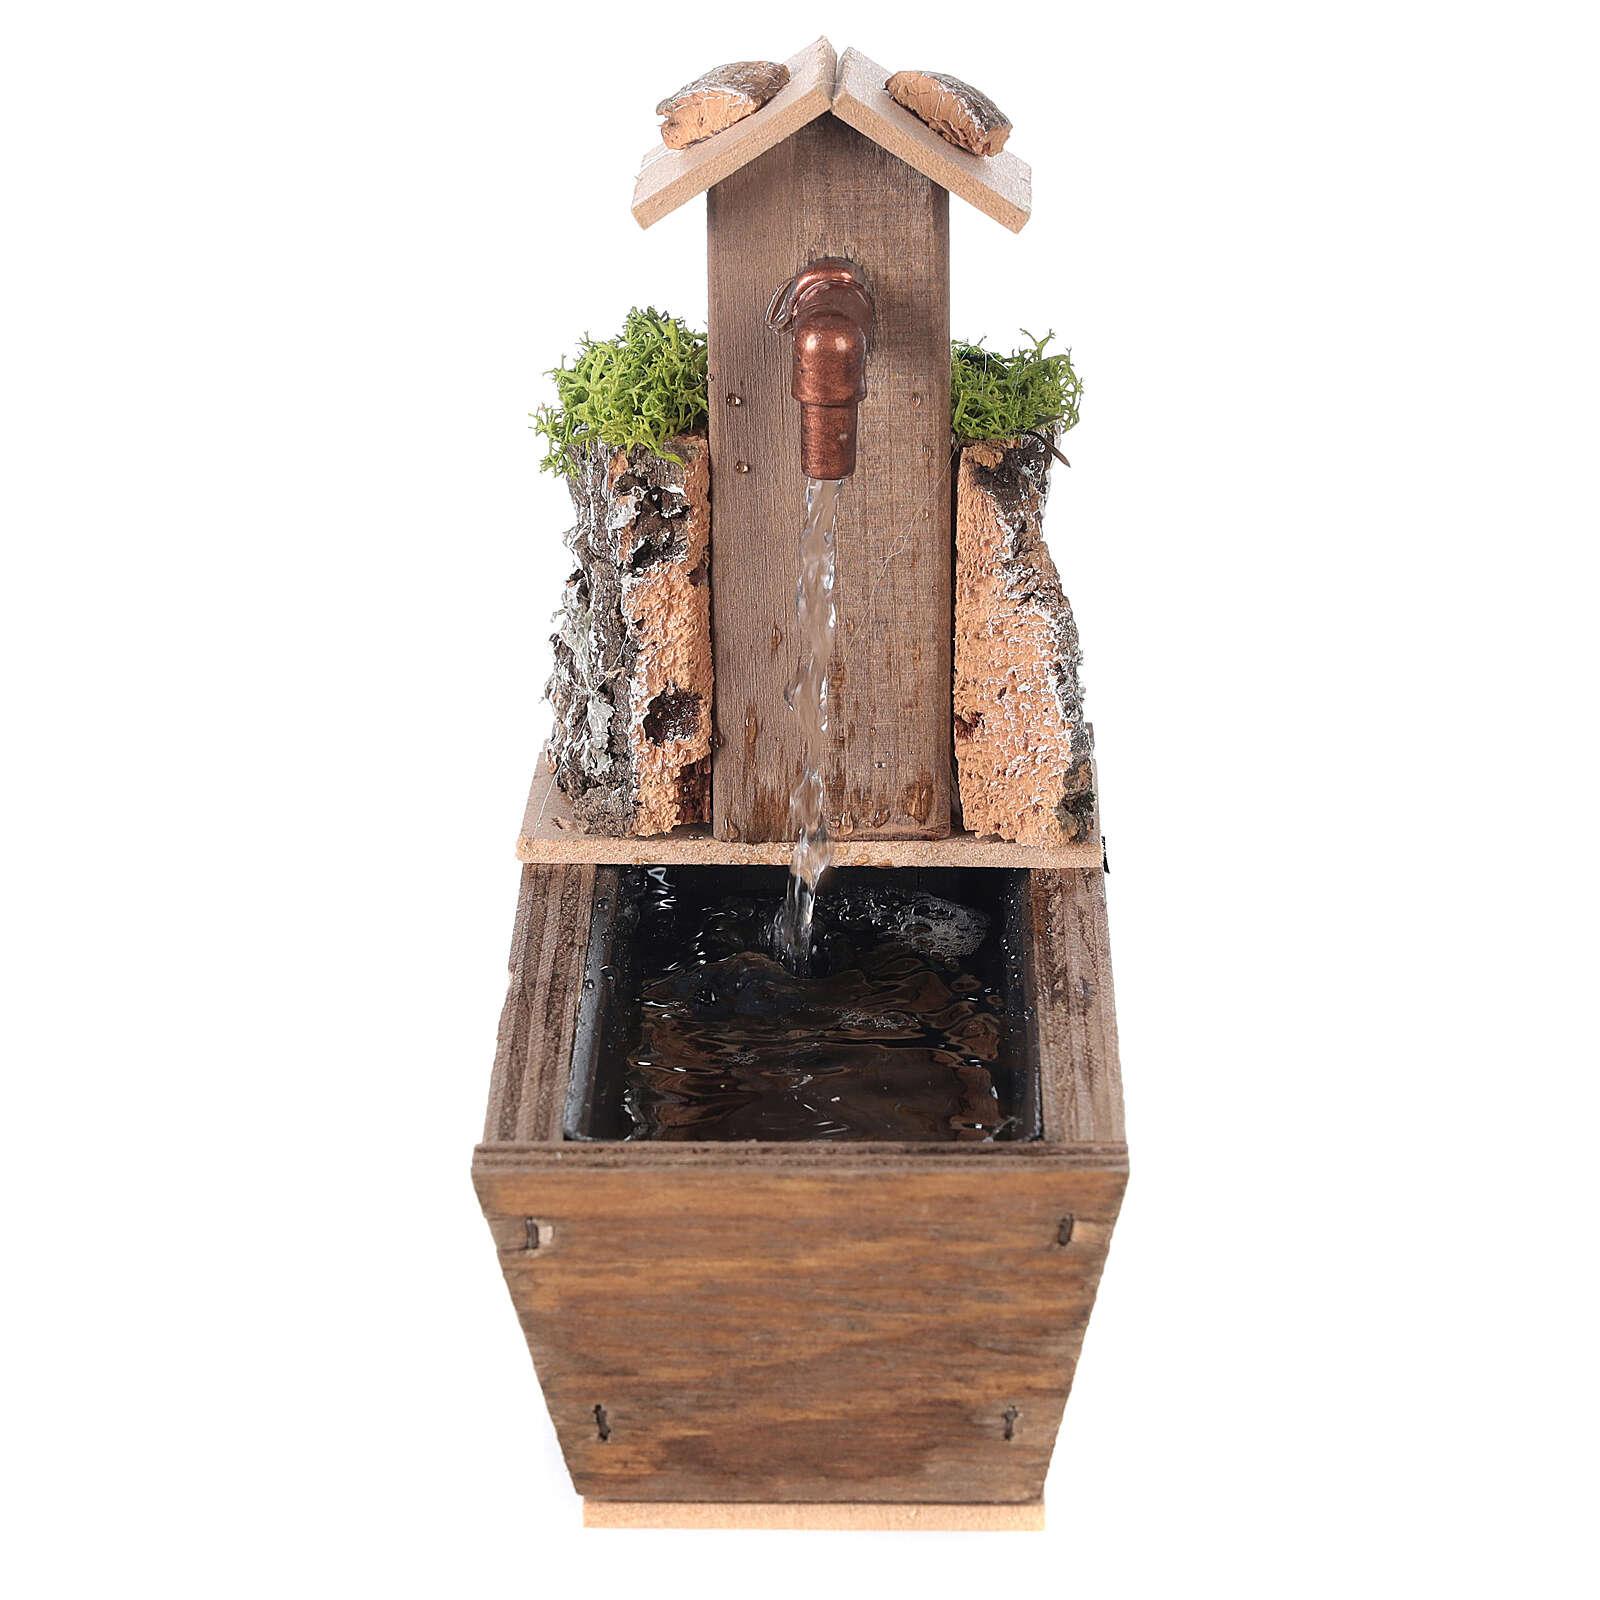 Fontana con abbeveratoio presepe 16x10x16 4